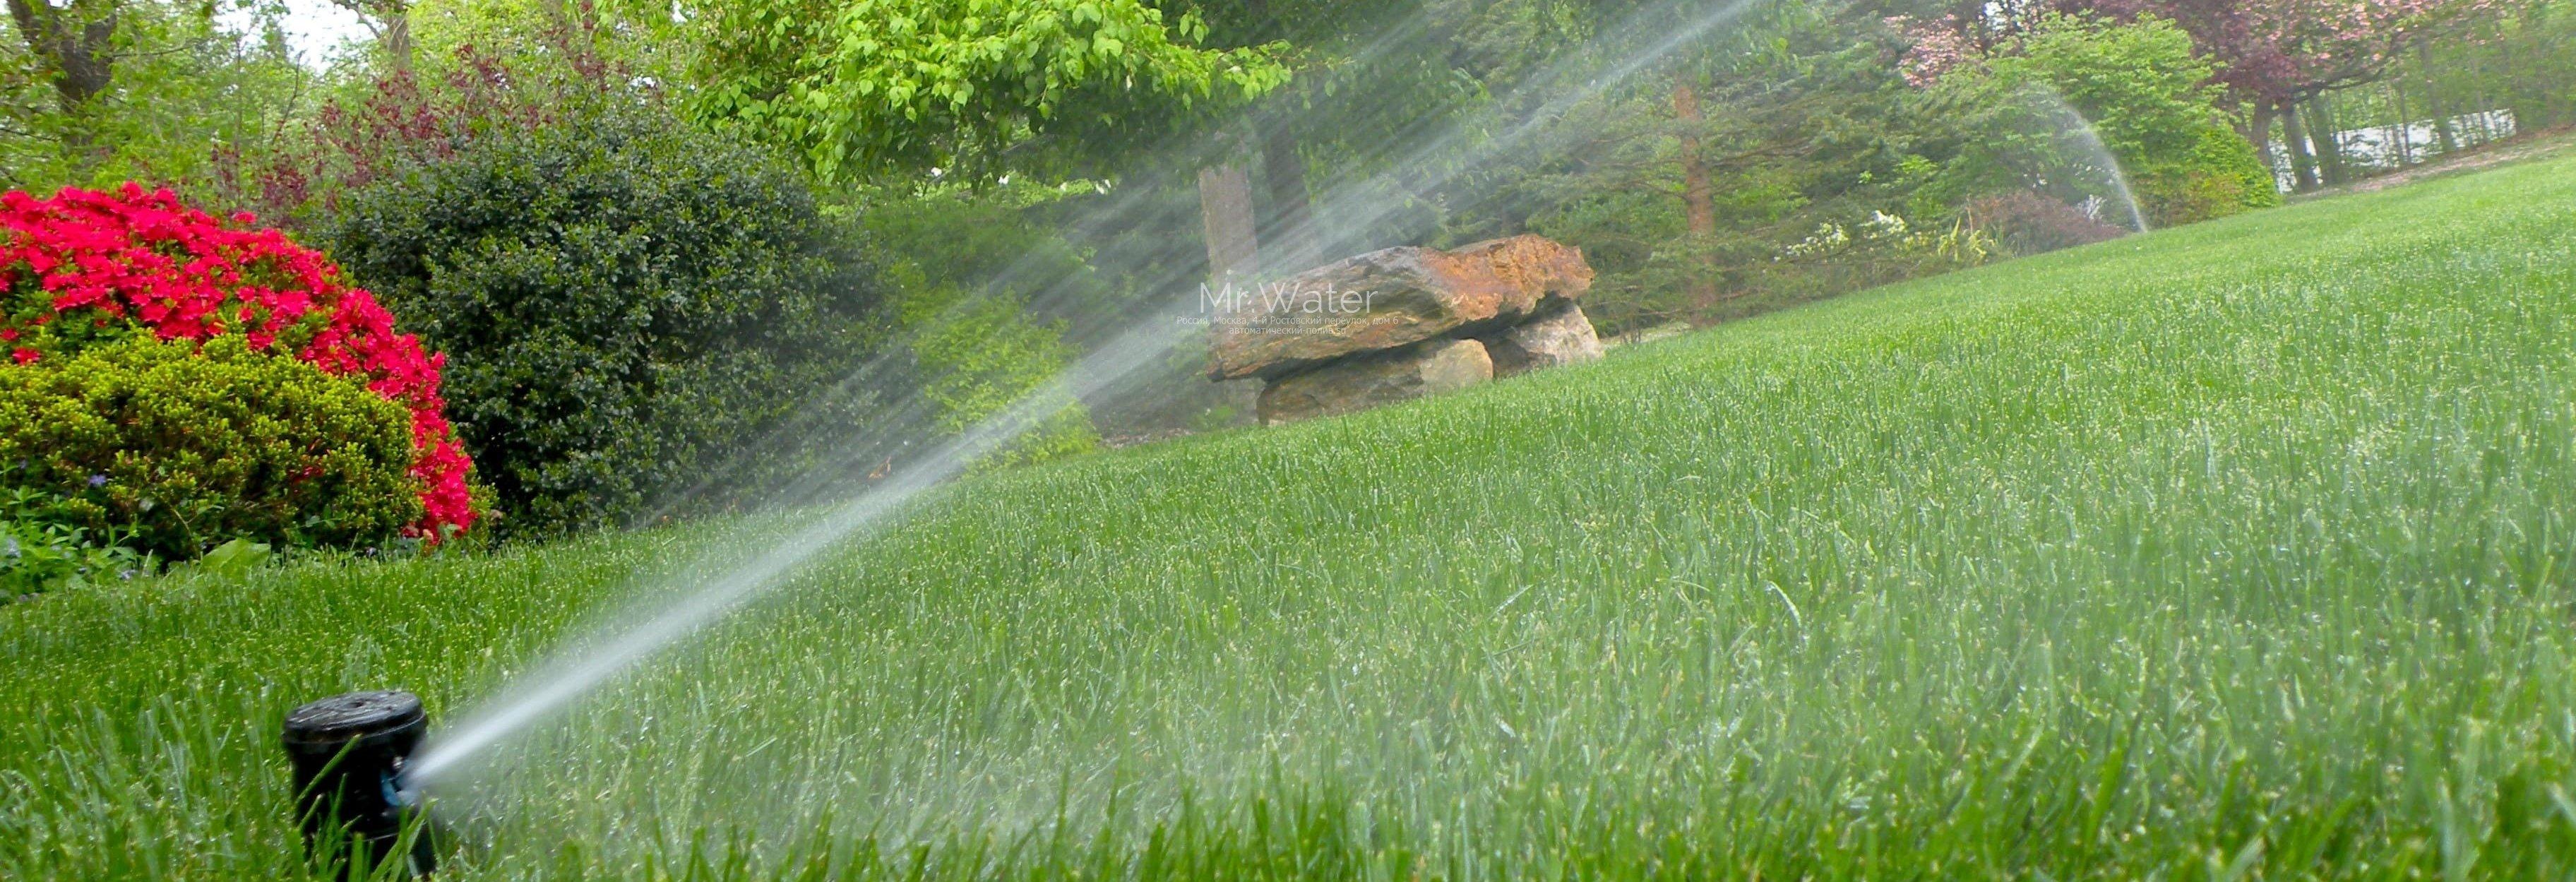 В Дублине запретили поливать газоны